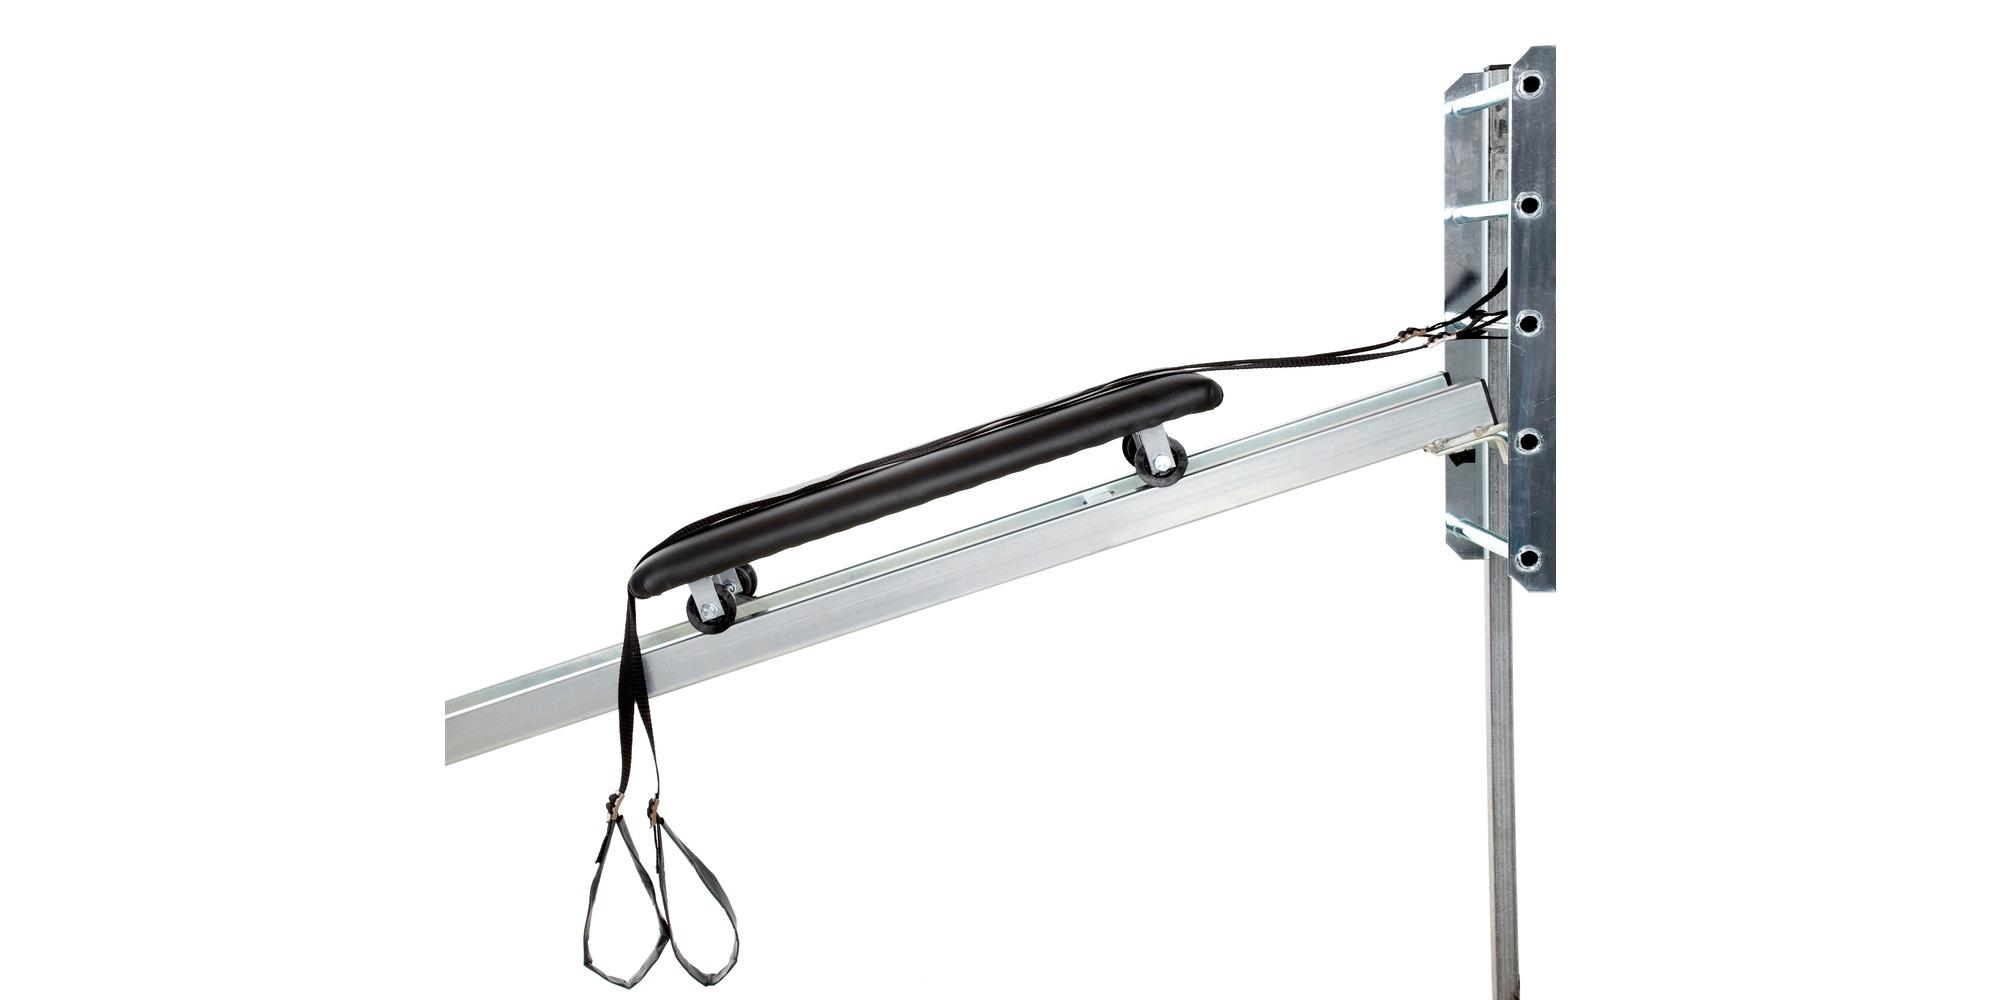 Bråsterk armtreningsapparat